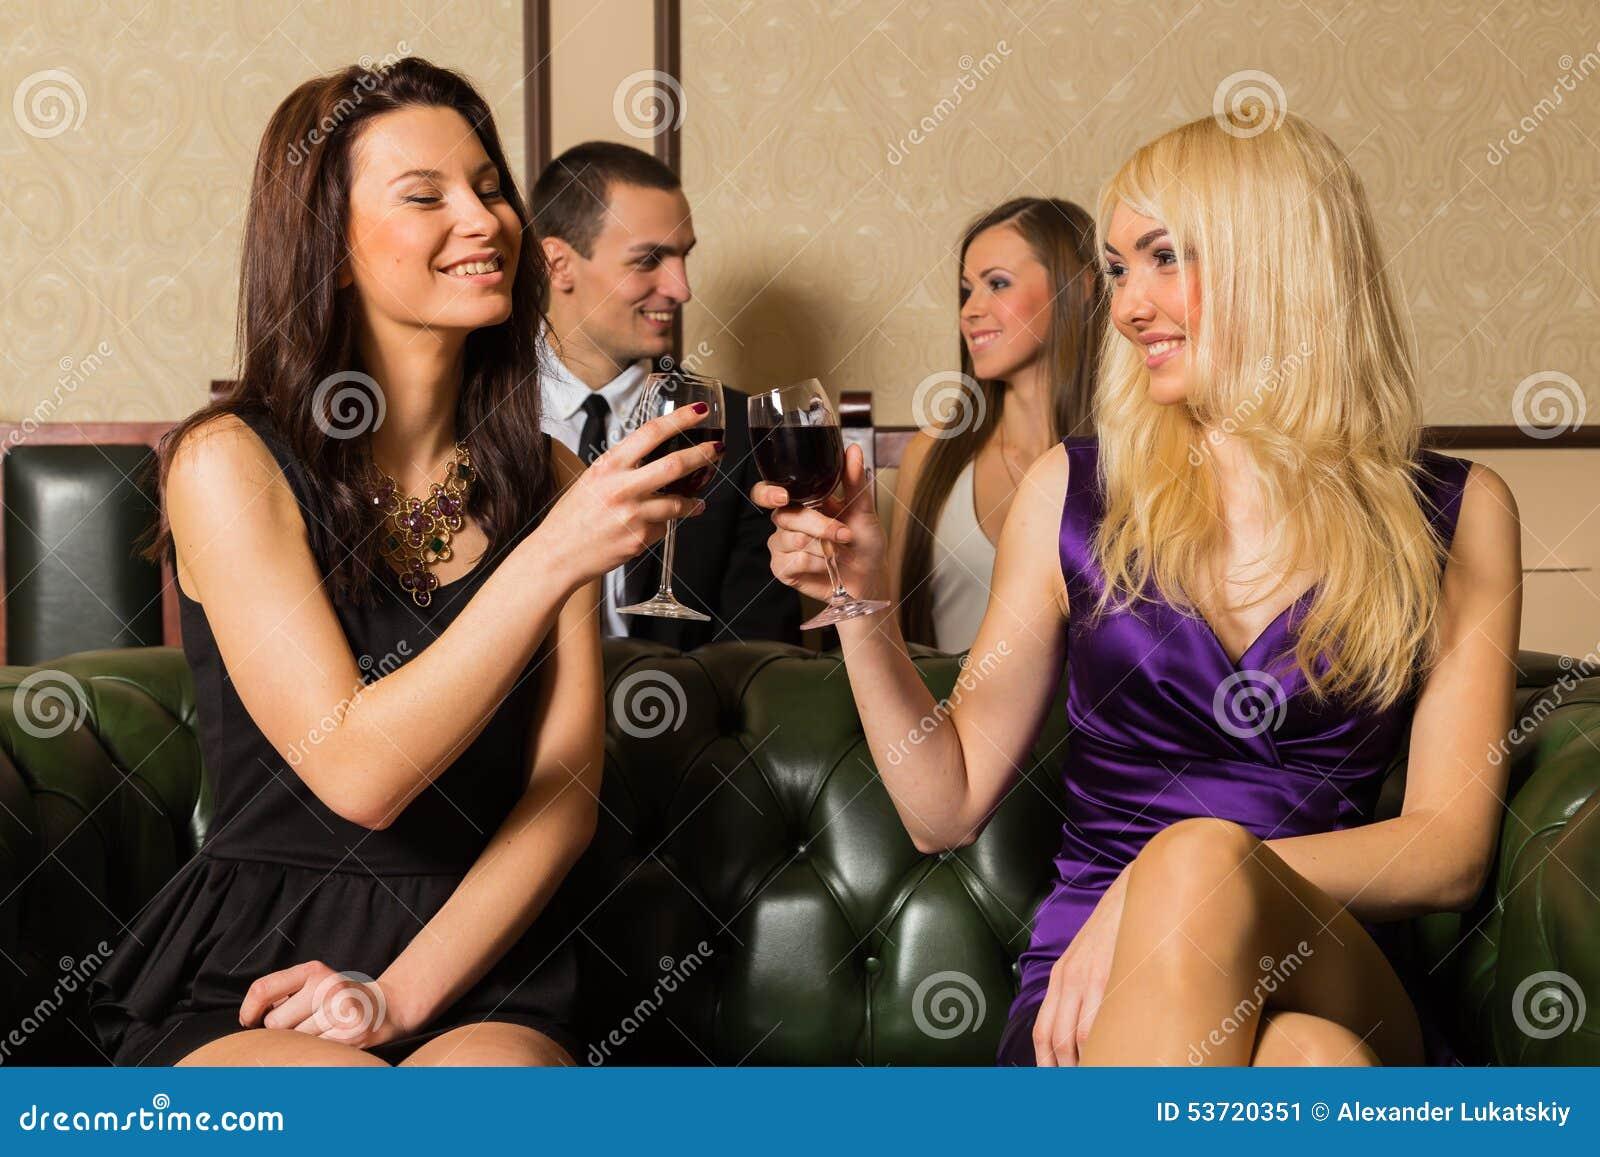 Парень и 2 девушки в комнате